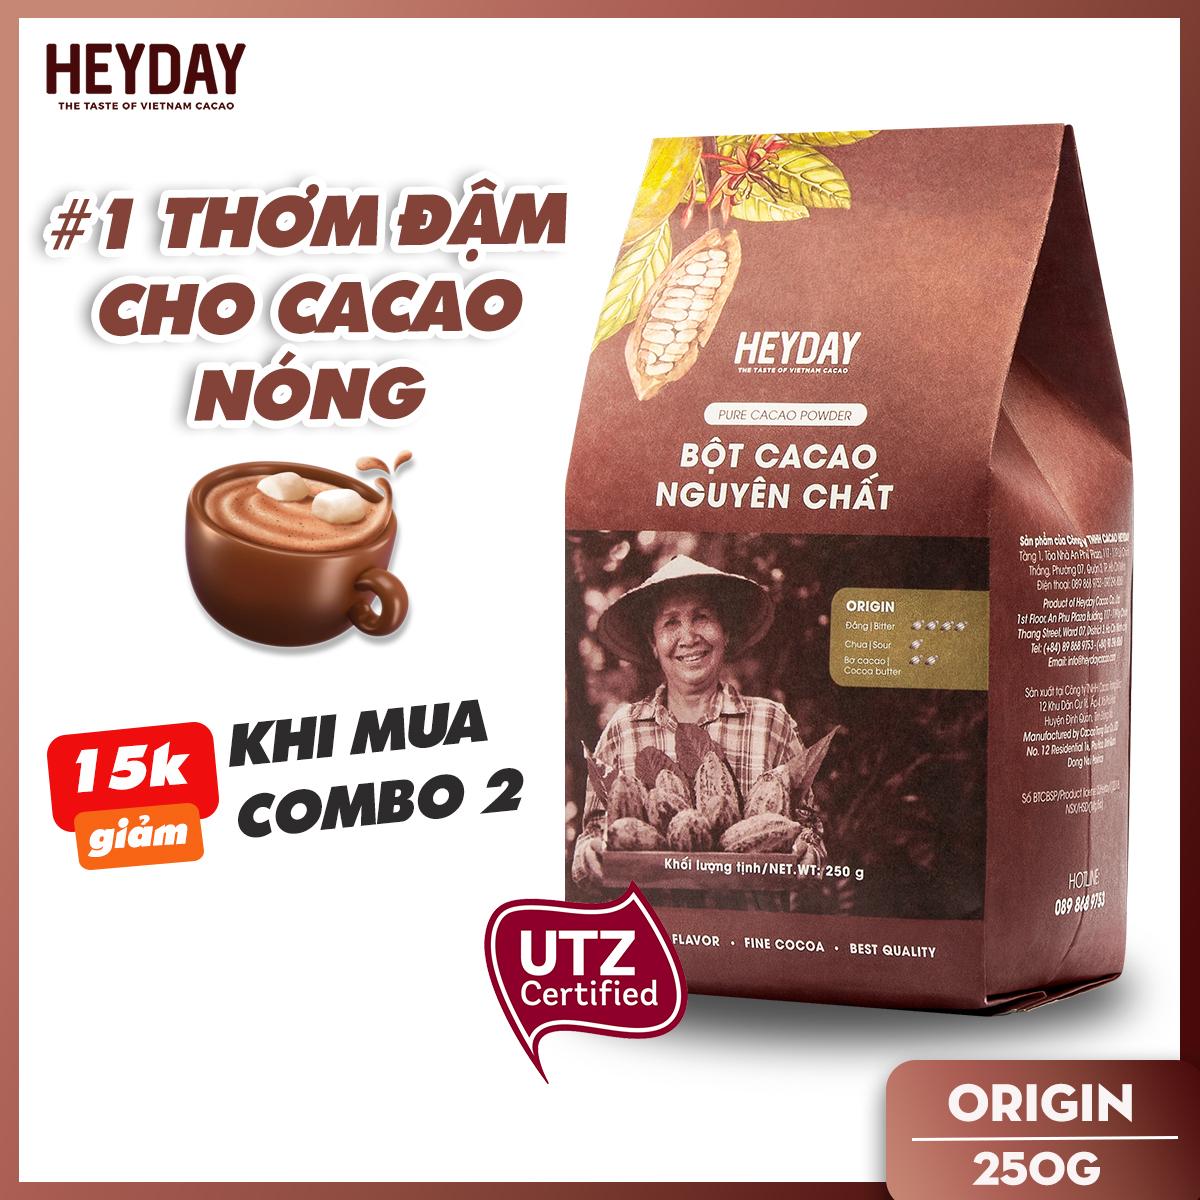 Bột cacao nguyên chất không đường Heyday - Origin 18% bơ cacao tự nhiên - Túi 250g - Chứng nhận...